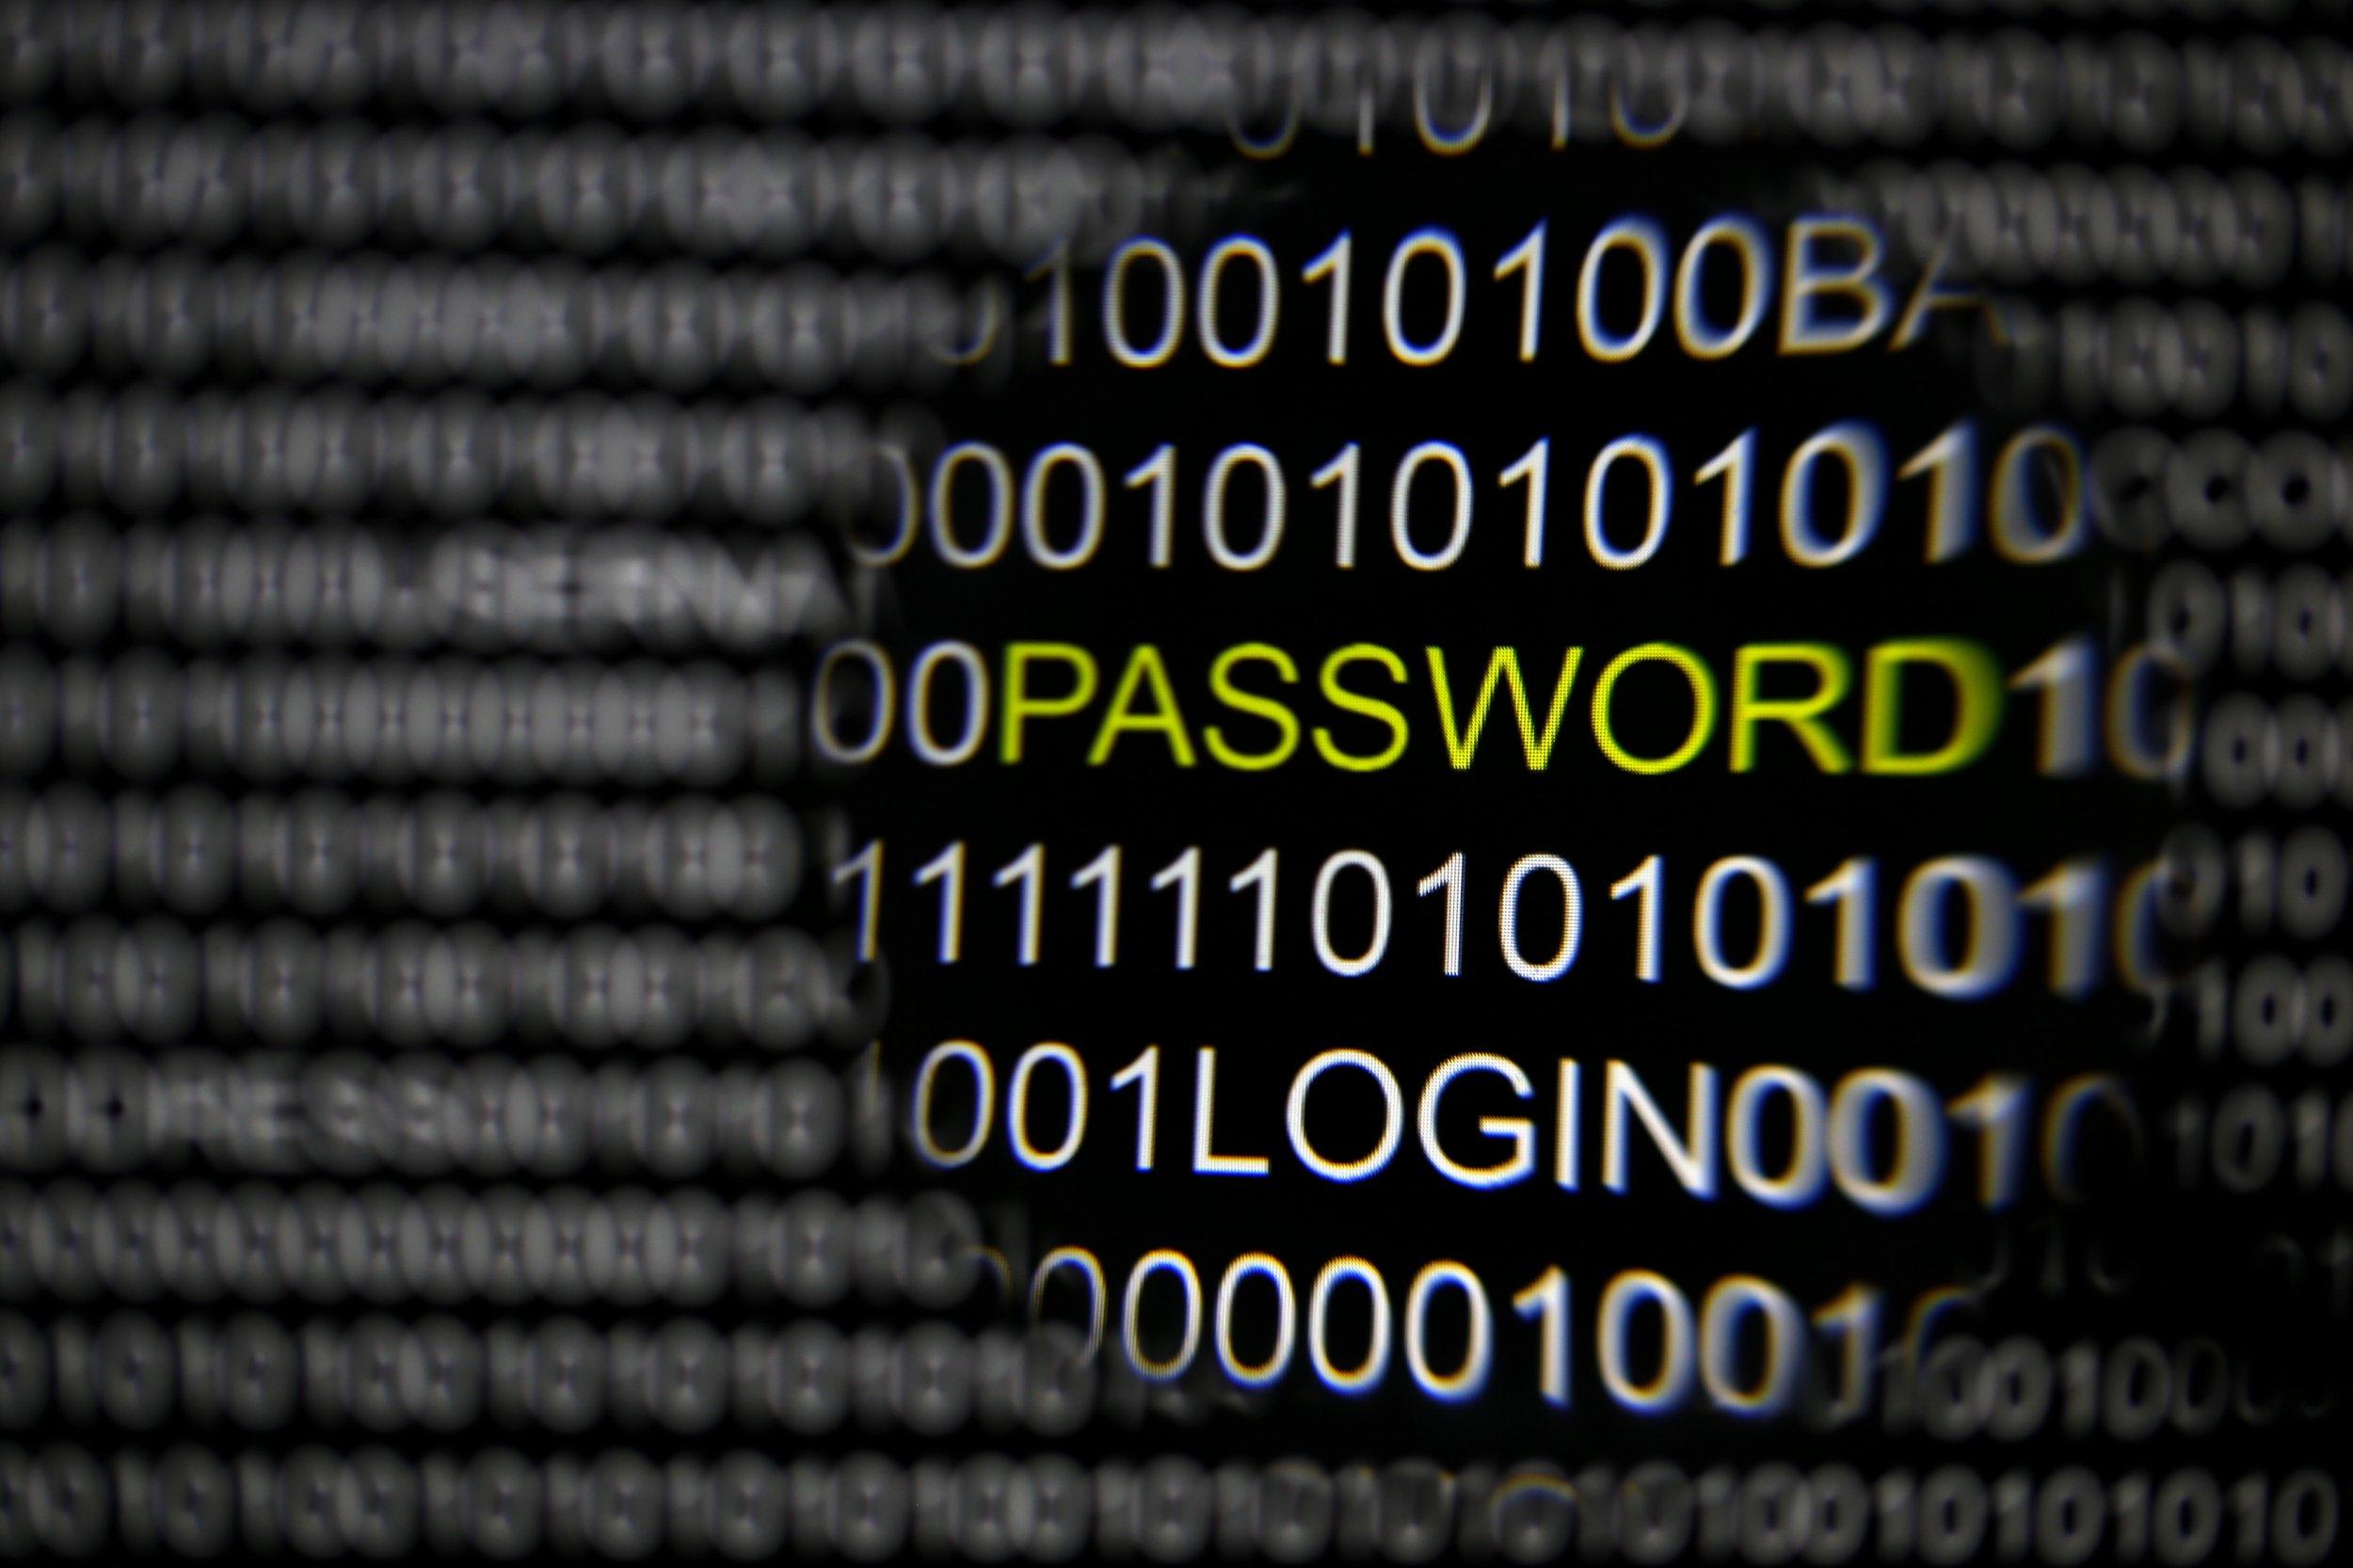 Hackers target passwords